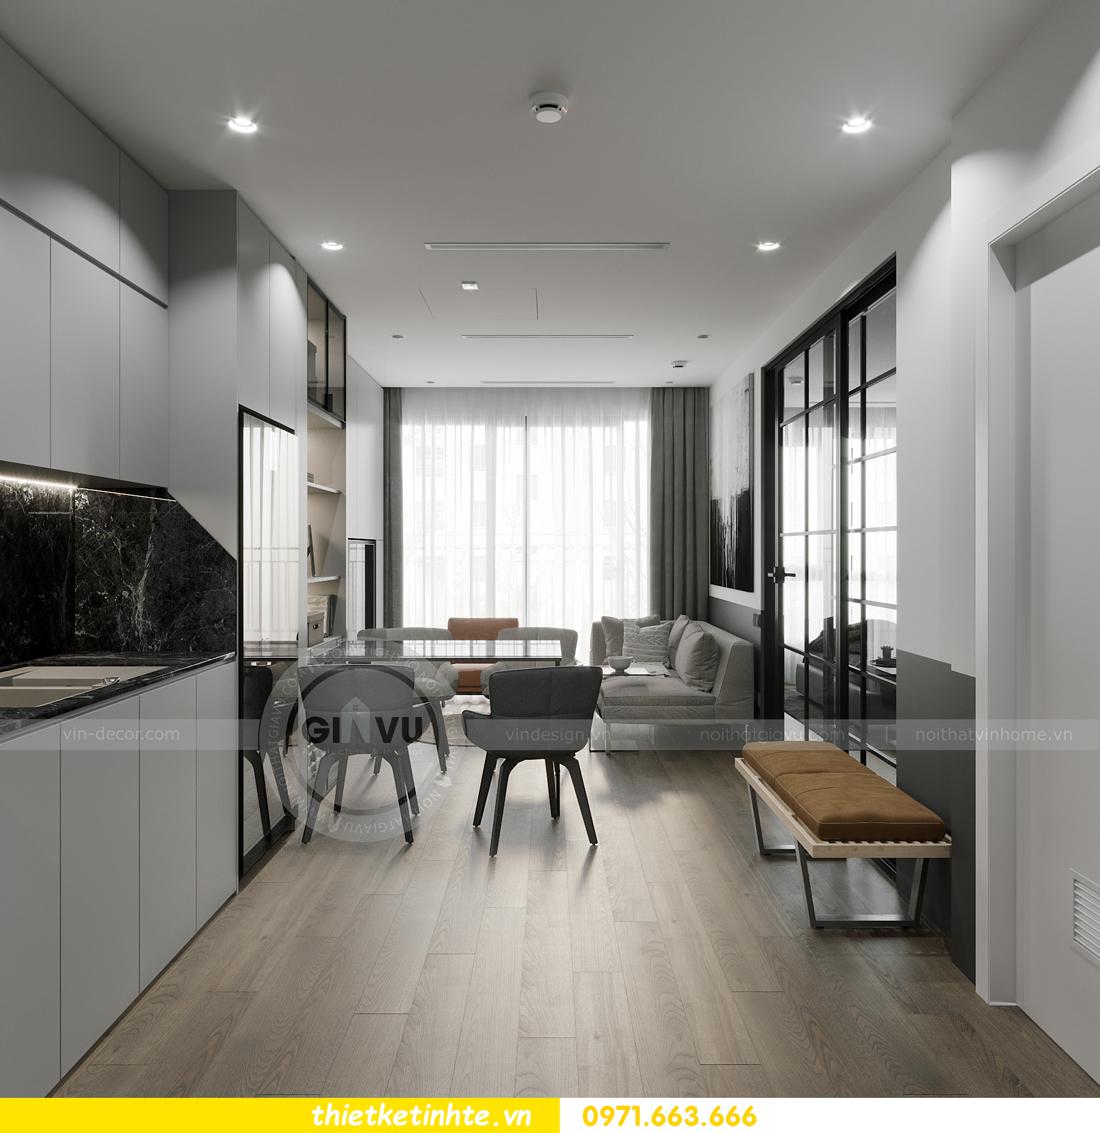 thiết kế nội thất căn hộ 1PN + 1 tại Vinhomes Smart City 2